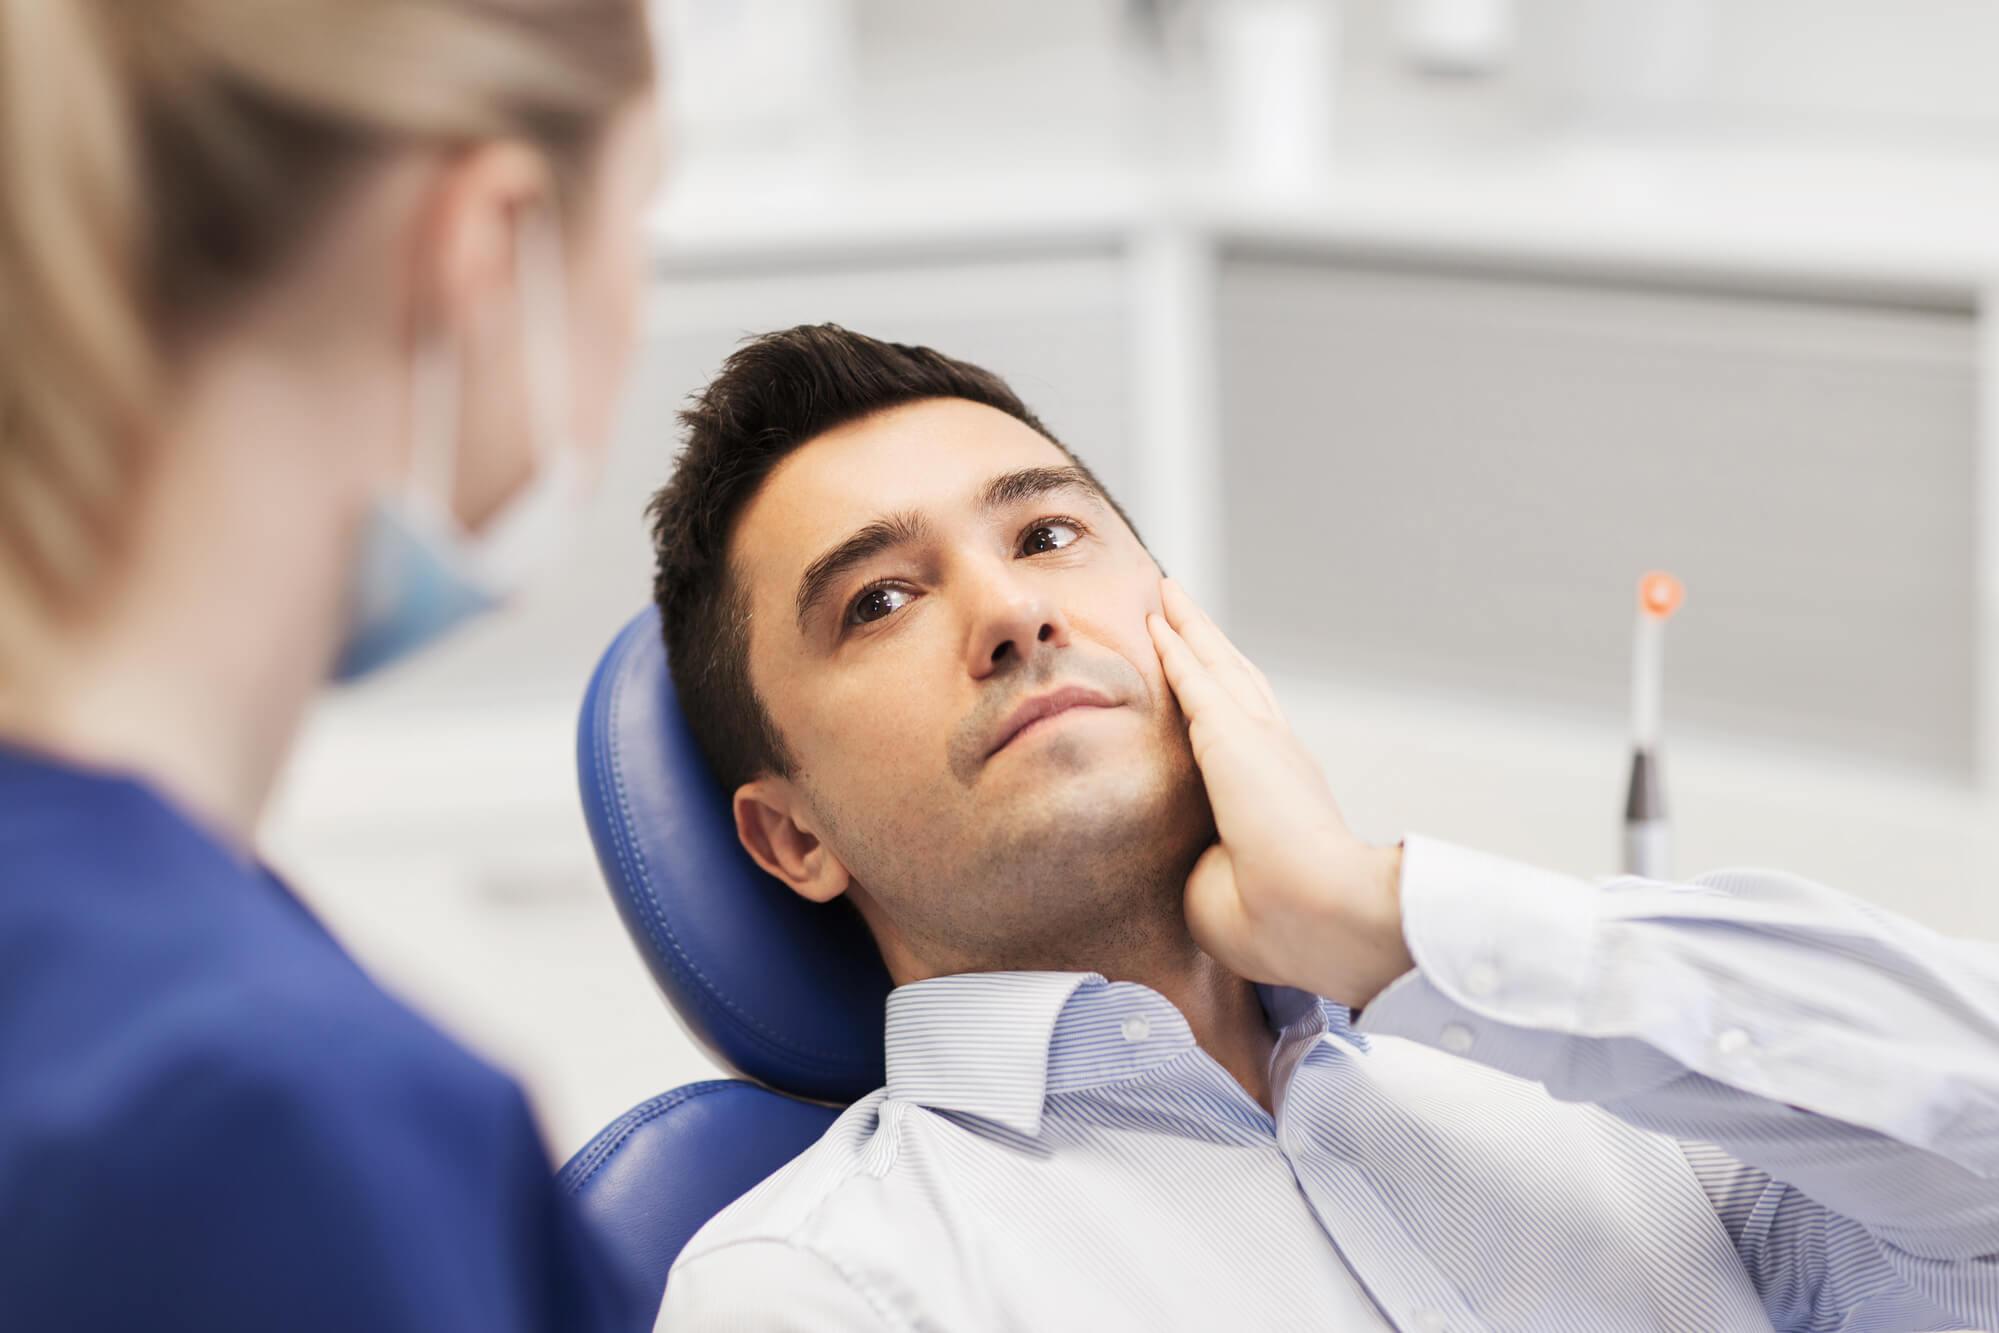 Entenda o que é bichectomia e como funciona o procedimento